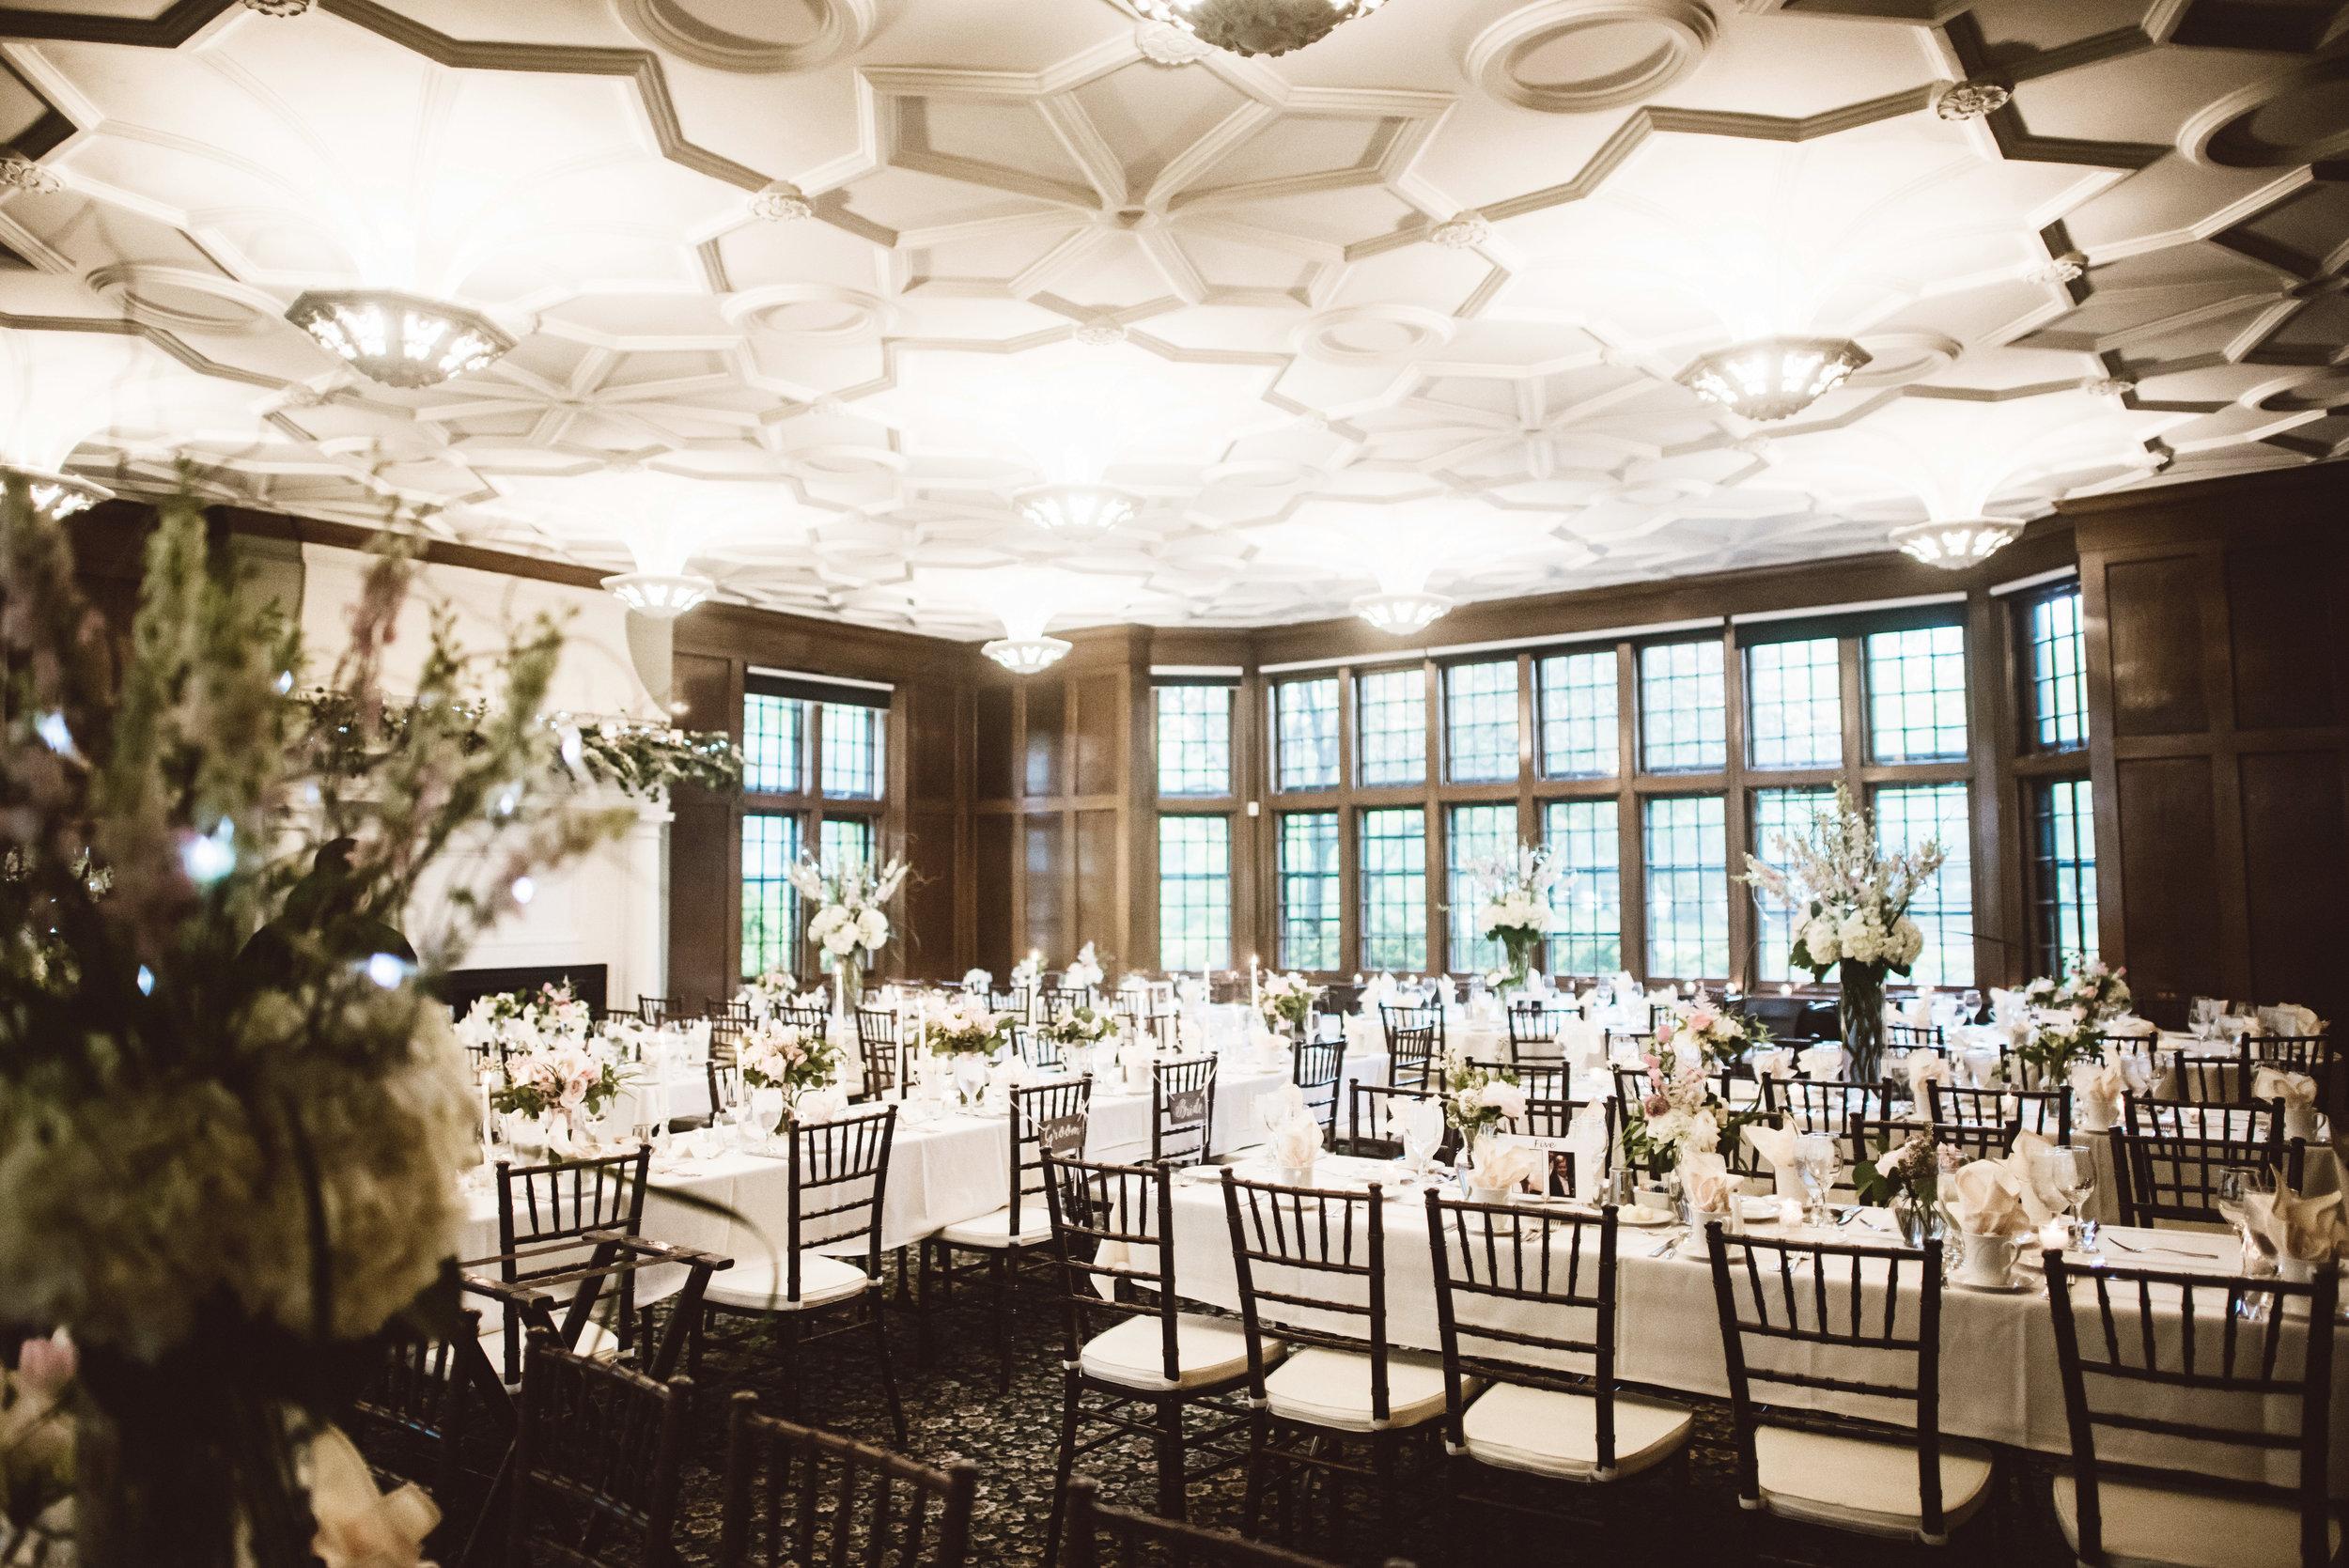 erin_ben_wedding_by_lucas_botz_442.jpg